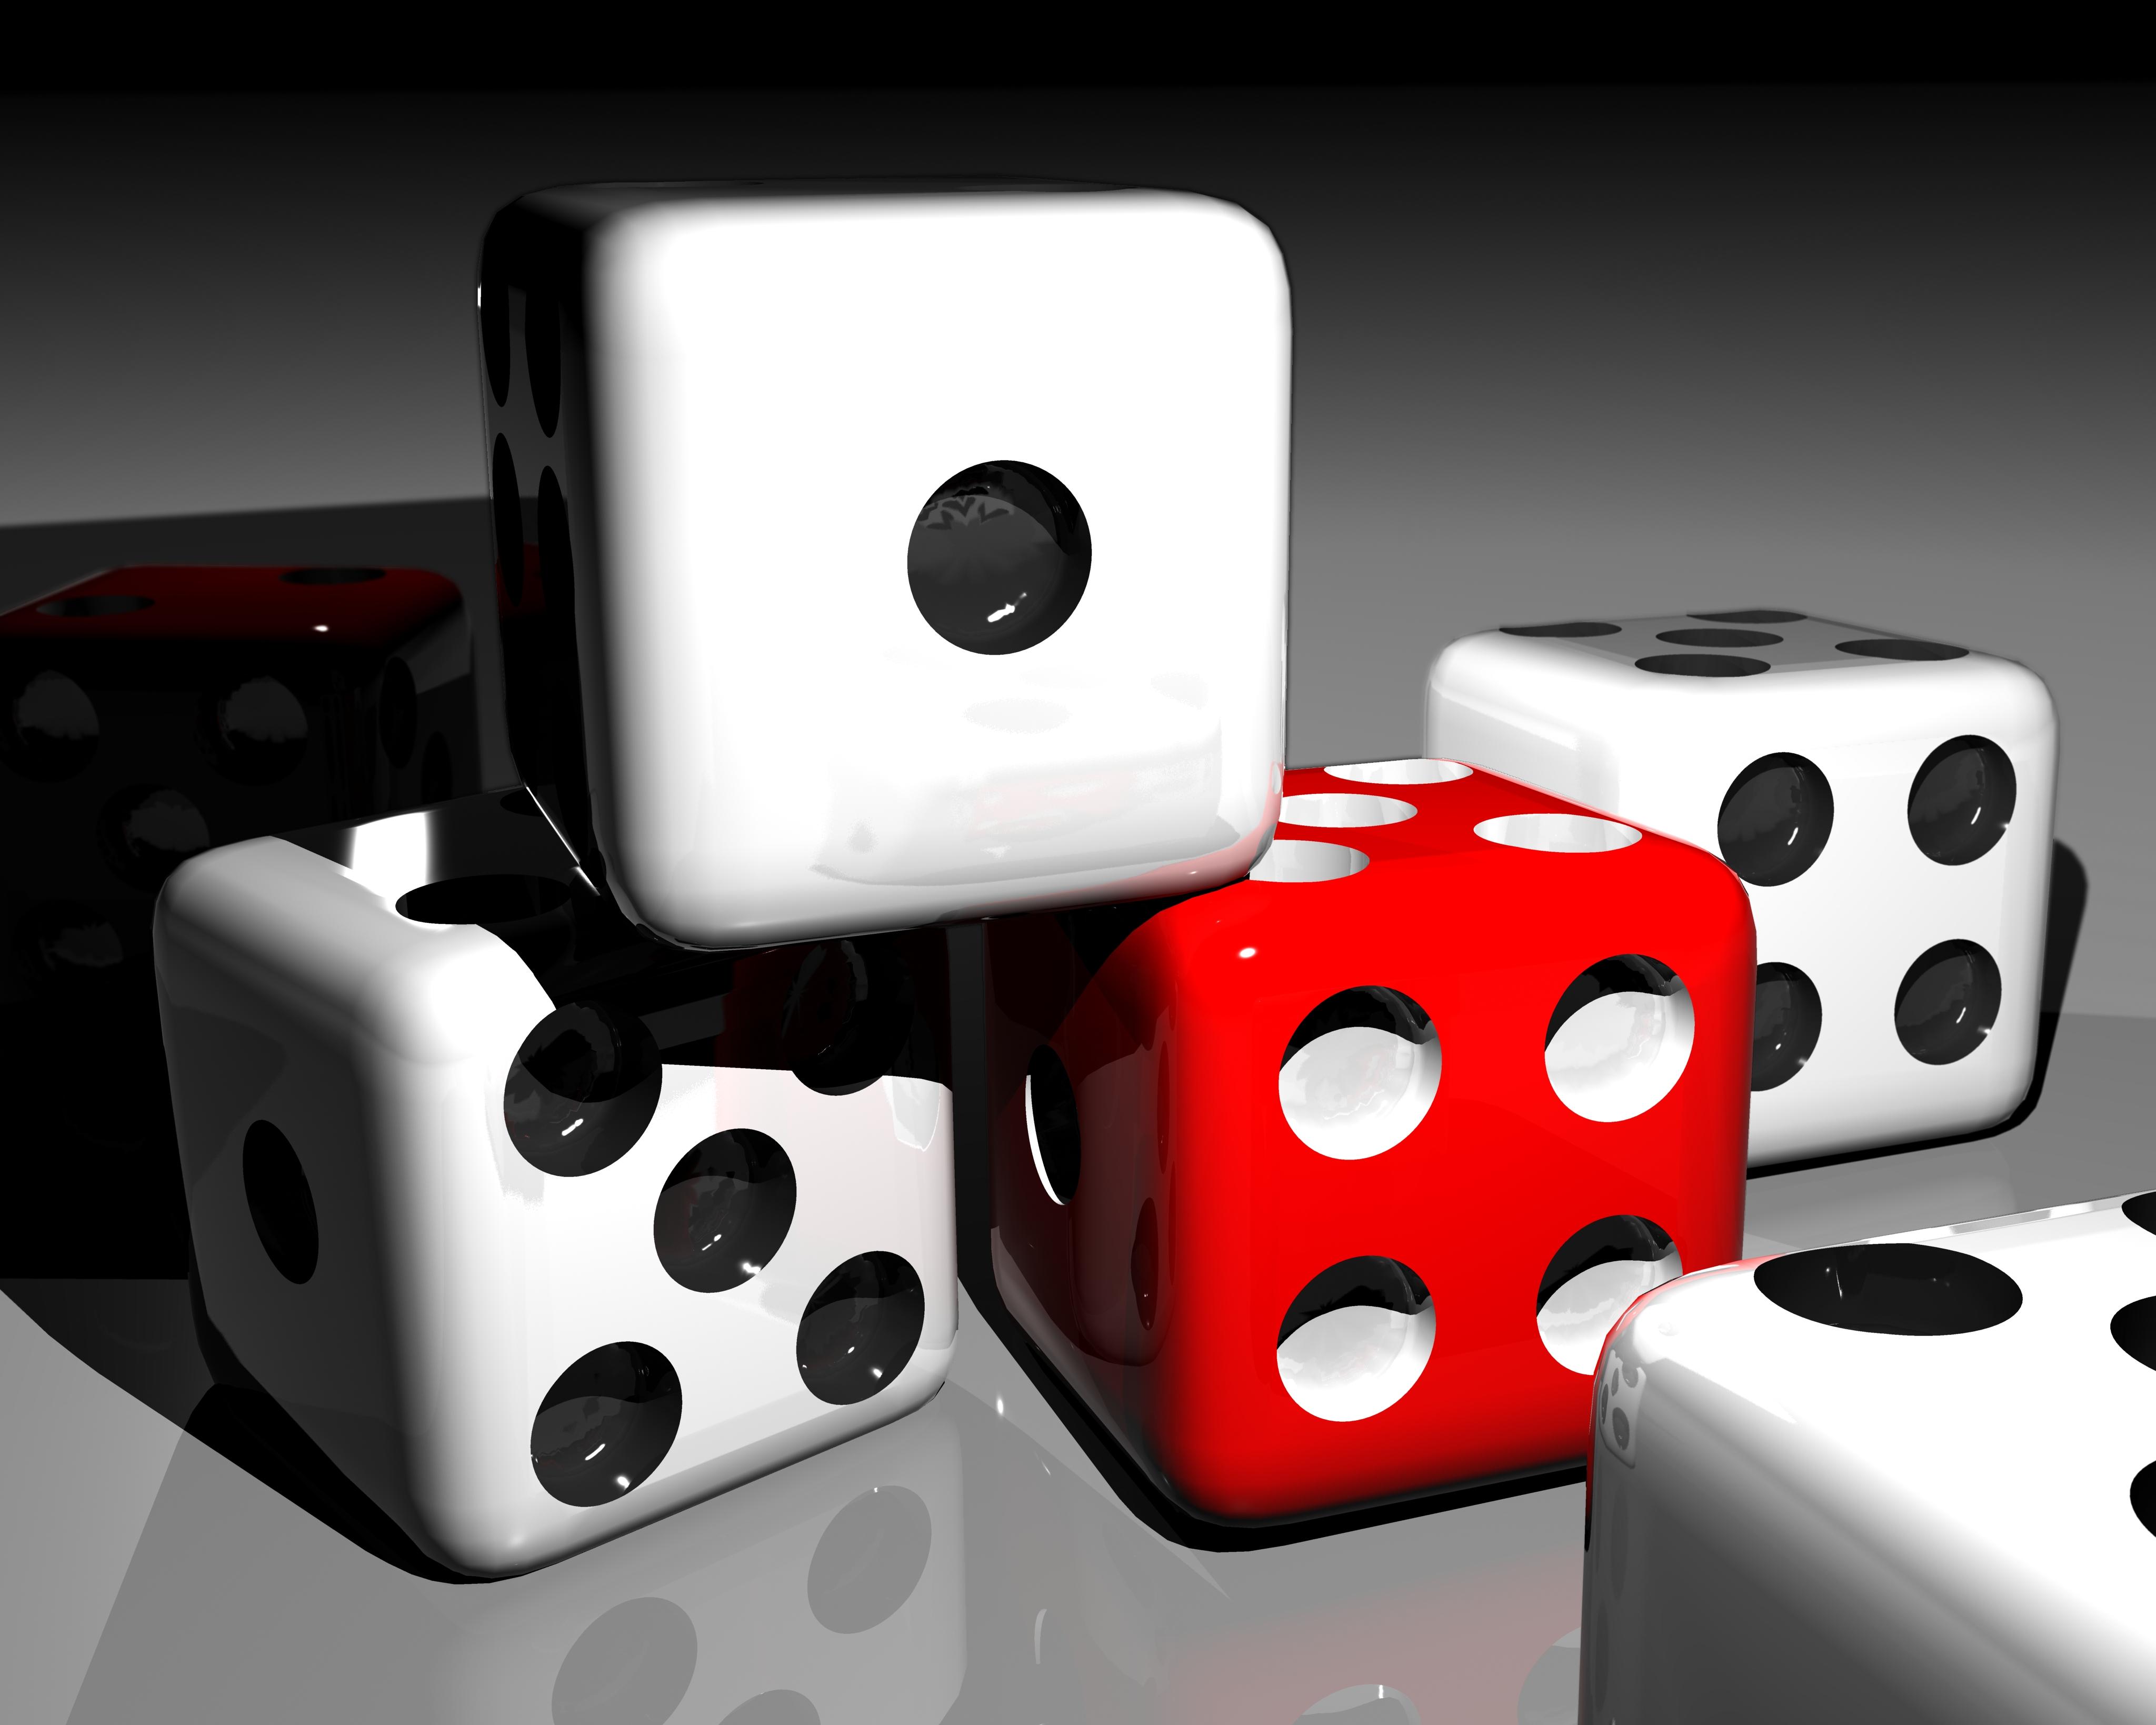 118675 Hintergrundbild herunterladen 3D, Platz, Raum, Würfel, Kuba - Bildschirmschoner und Bilder kostenlos